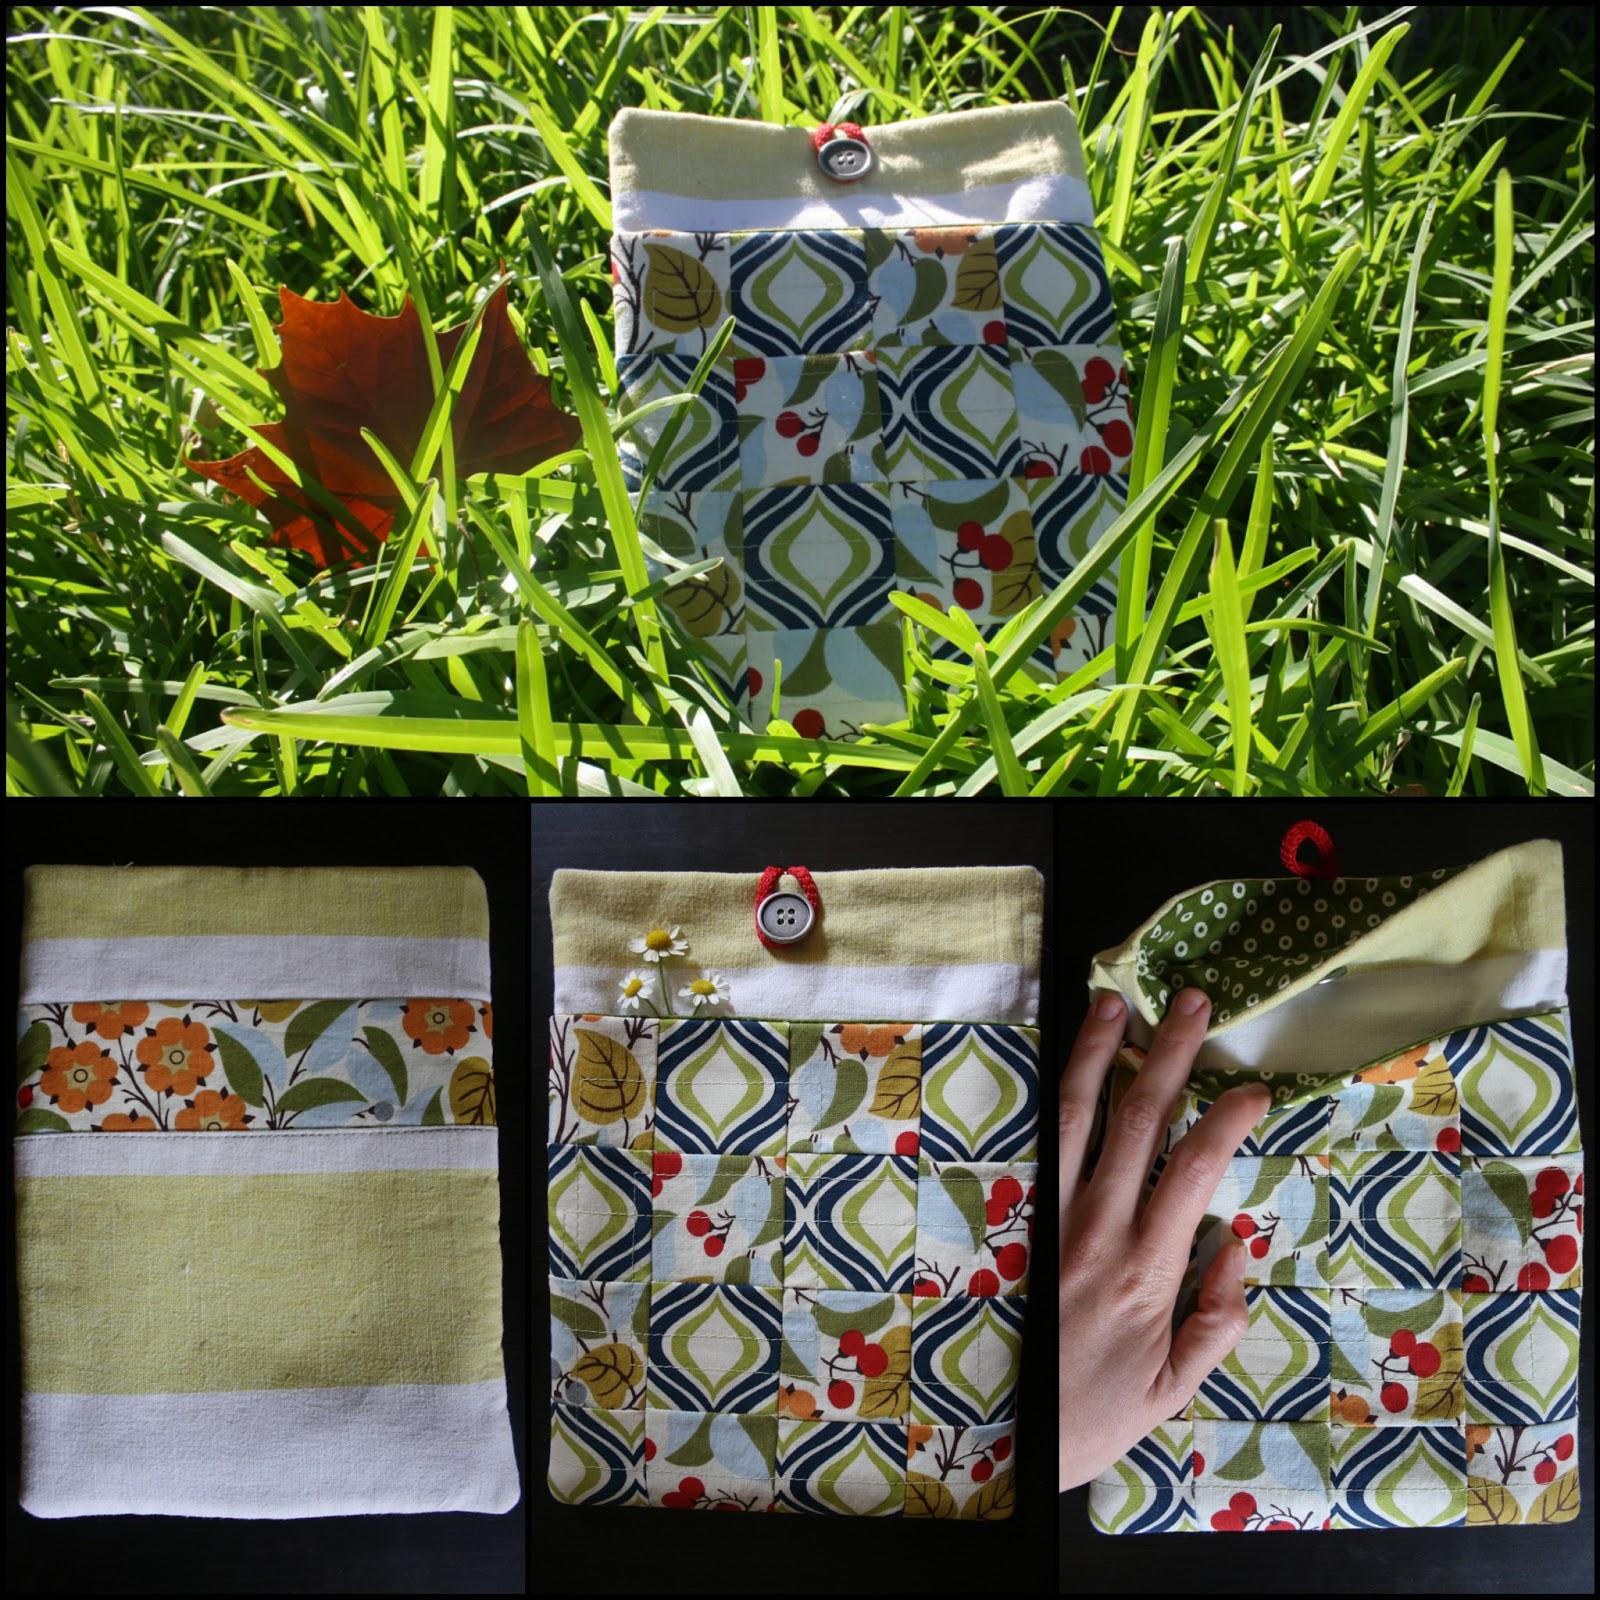 kleiner n hgarten eine patchwork ipad tasche n hen. Black Bedroom Furniture Sets. Home Design Ideas